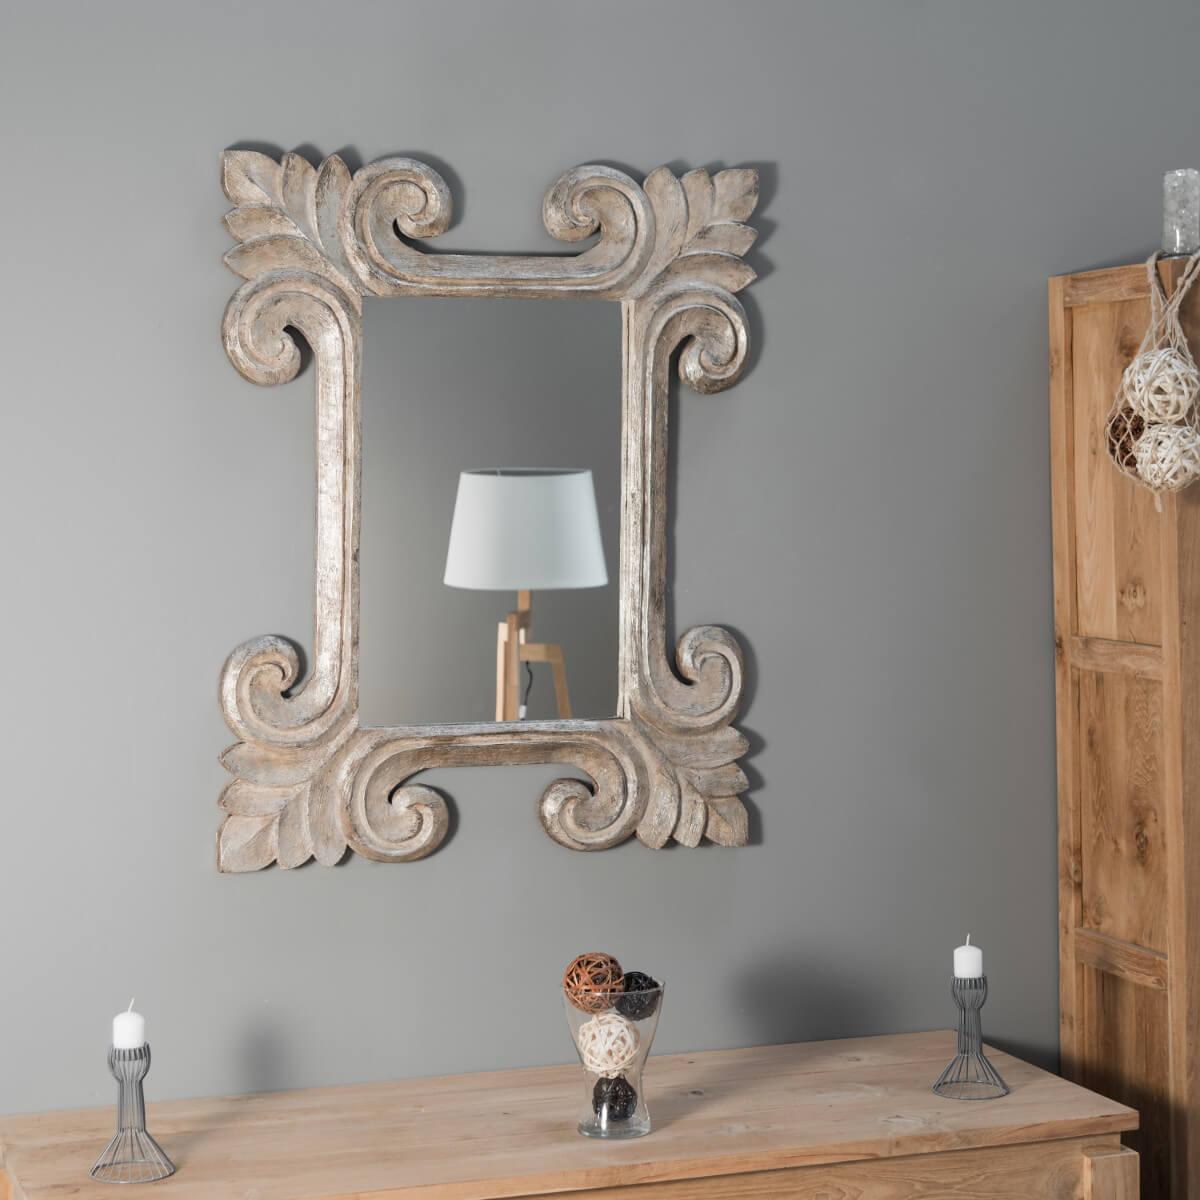 miroir de d coration en bois massif tol de rectangulaire bois patin bronze d 80 x 100 cm. Black Bedroom Furniture Sets. Home Design Ideas